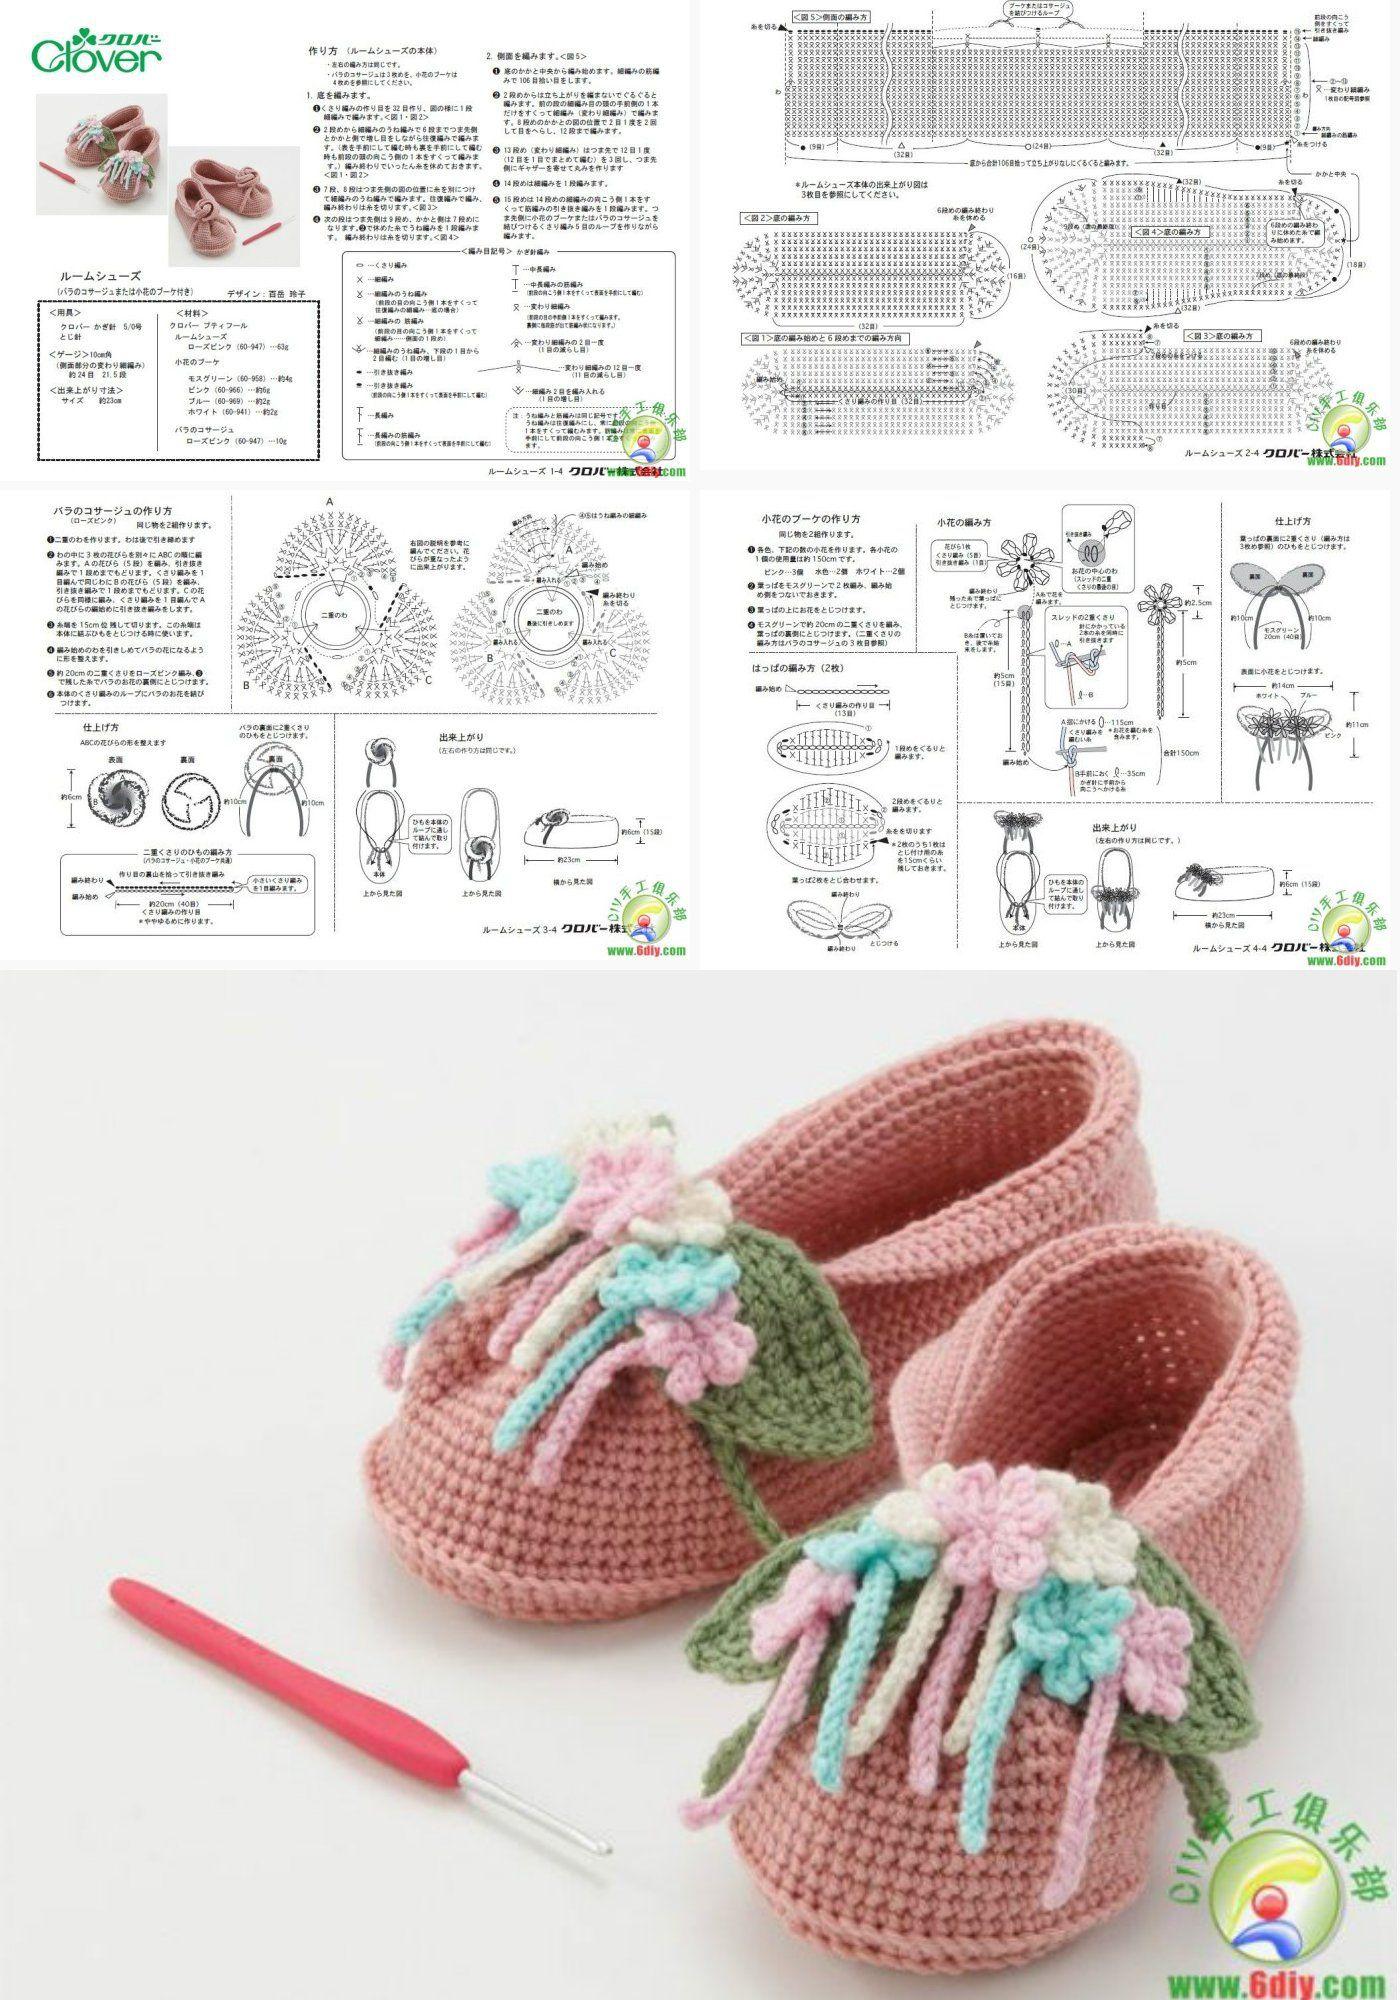 Crochet Baby Booties | Tejidos bebes | Pinterest | Zapatos, Bebe y Bebé